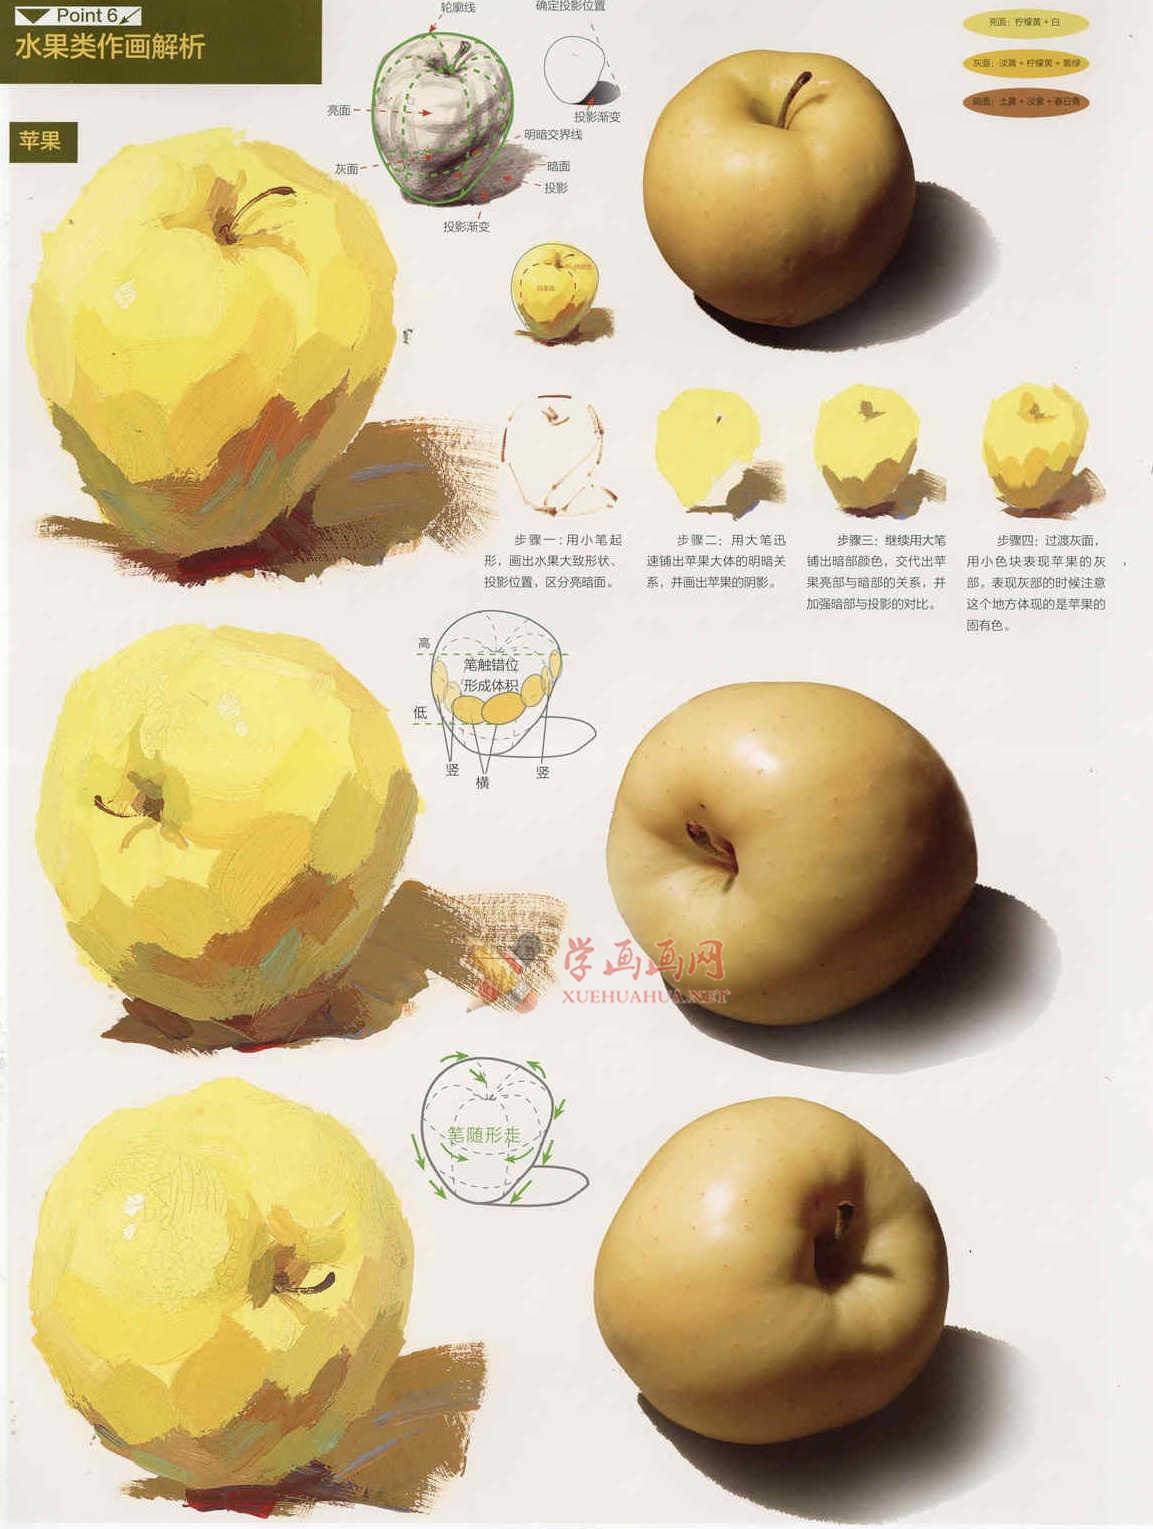 水粉画单体静物:苹果的画法图解及临摹高清范画图片(4)